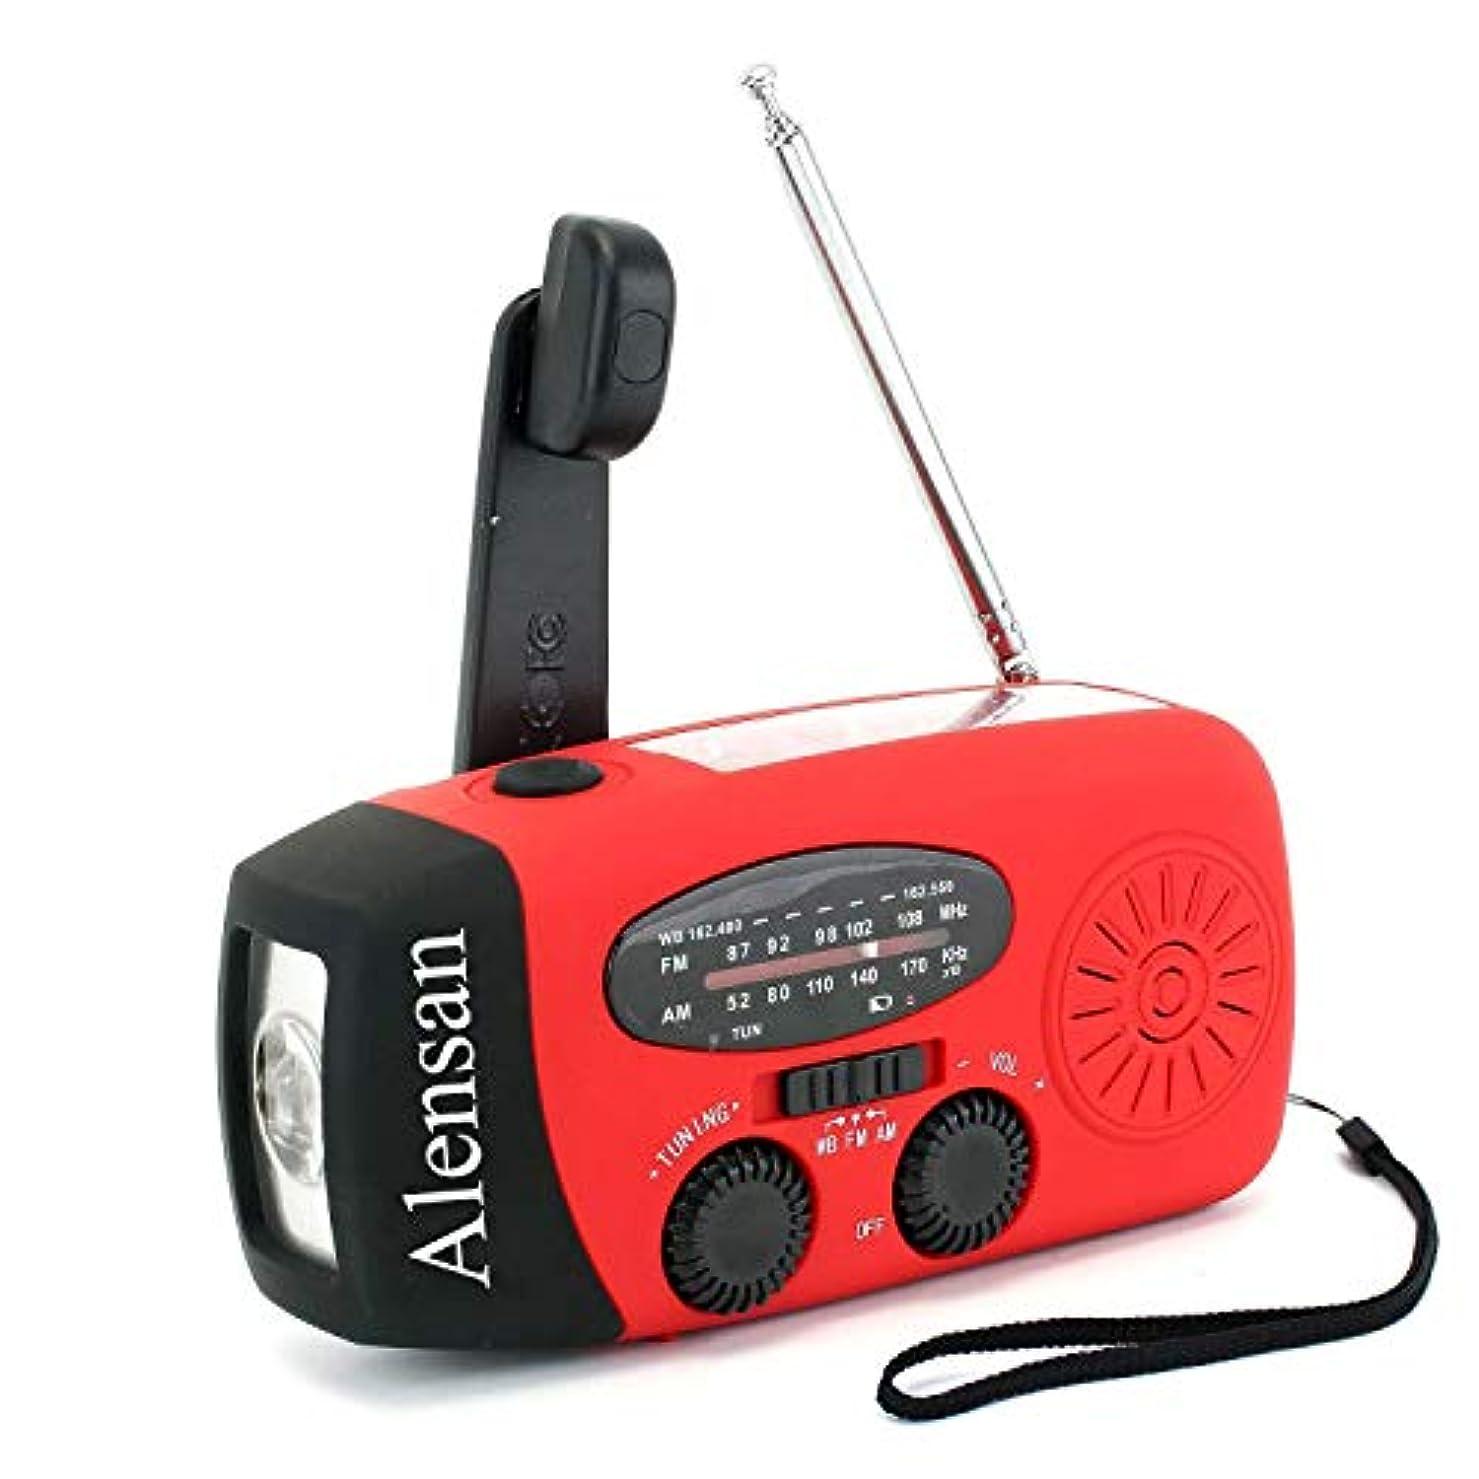 白鳥適切に空防災ラジオ 懐中電灯 手回し ソーラー ラジオ ライト 電池 USB充電 AM/FMラジオ太陽光充電 1000mAH付き 防災グッズ 地震震災津波台風停電緊急対策 iPhoneAndroidスマホ充電対応可能